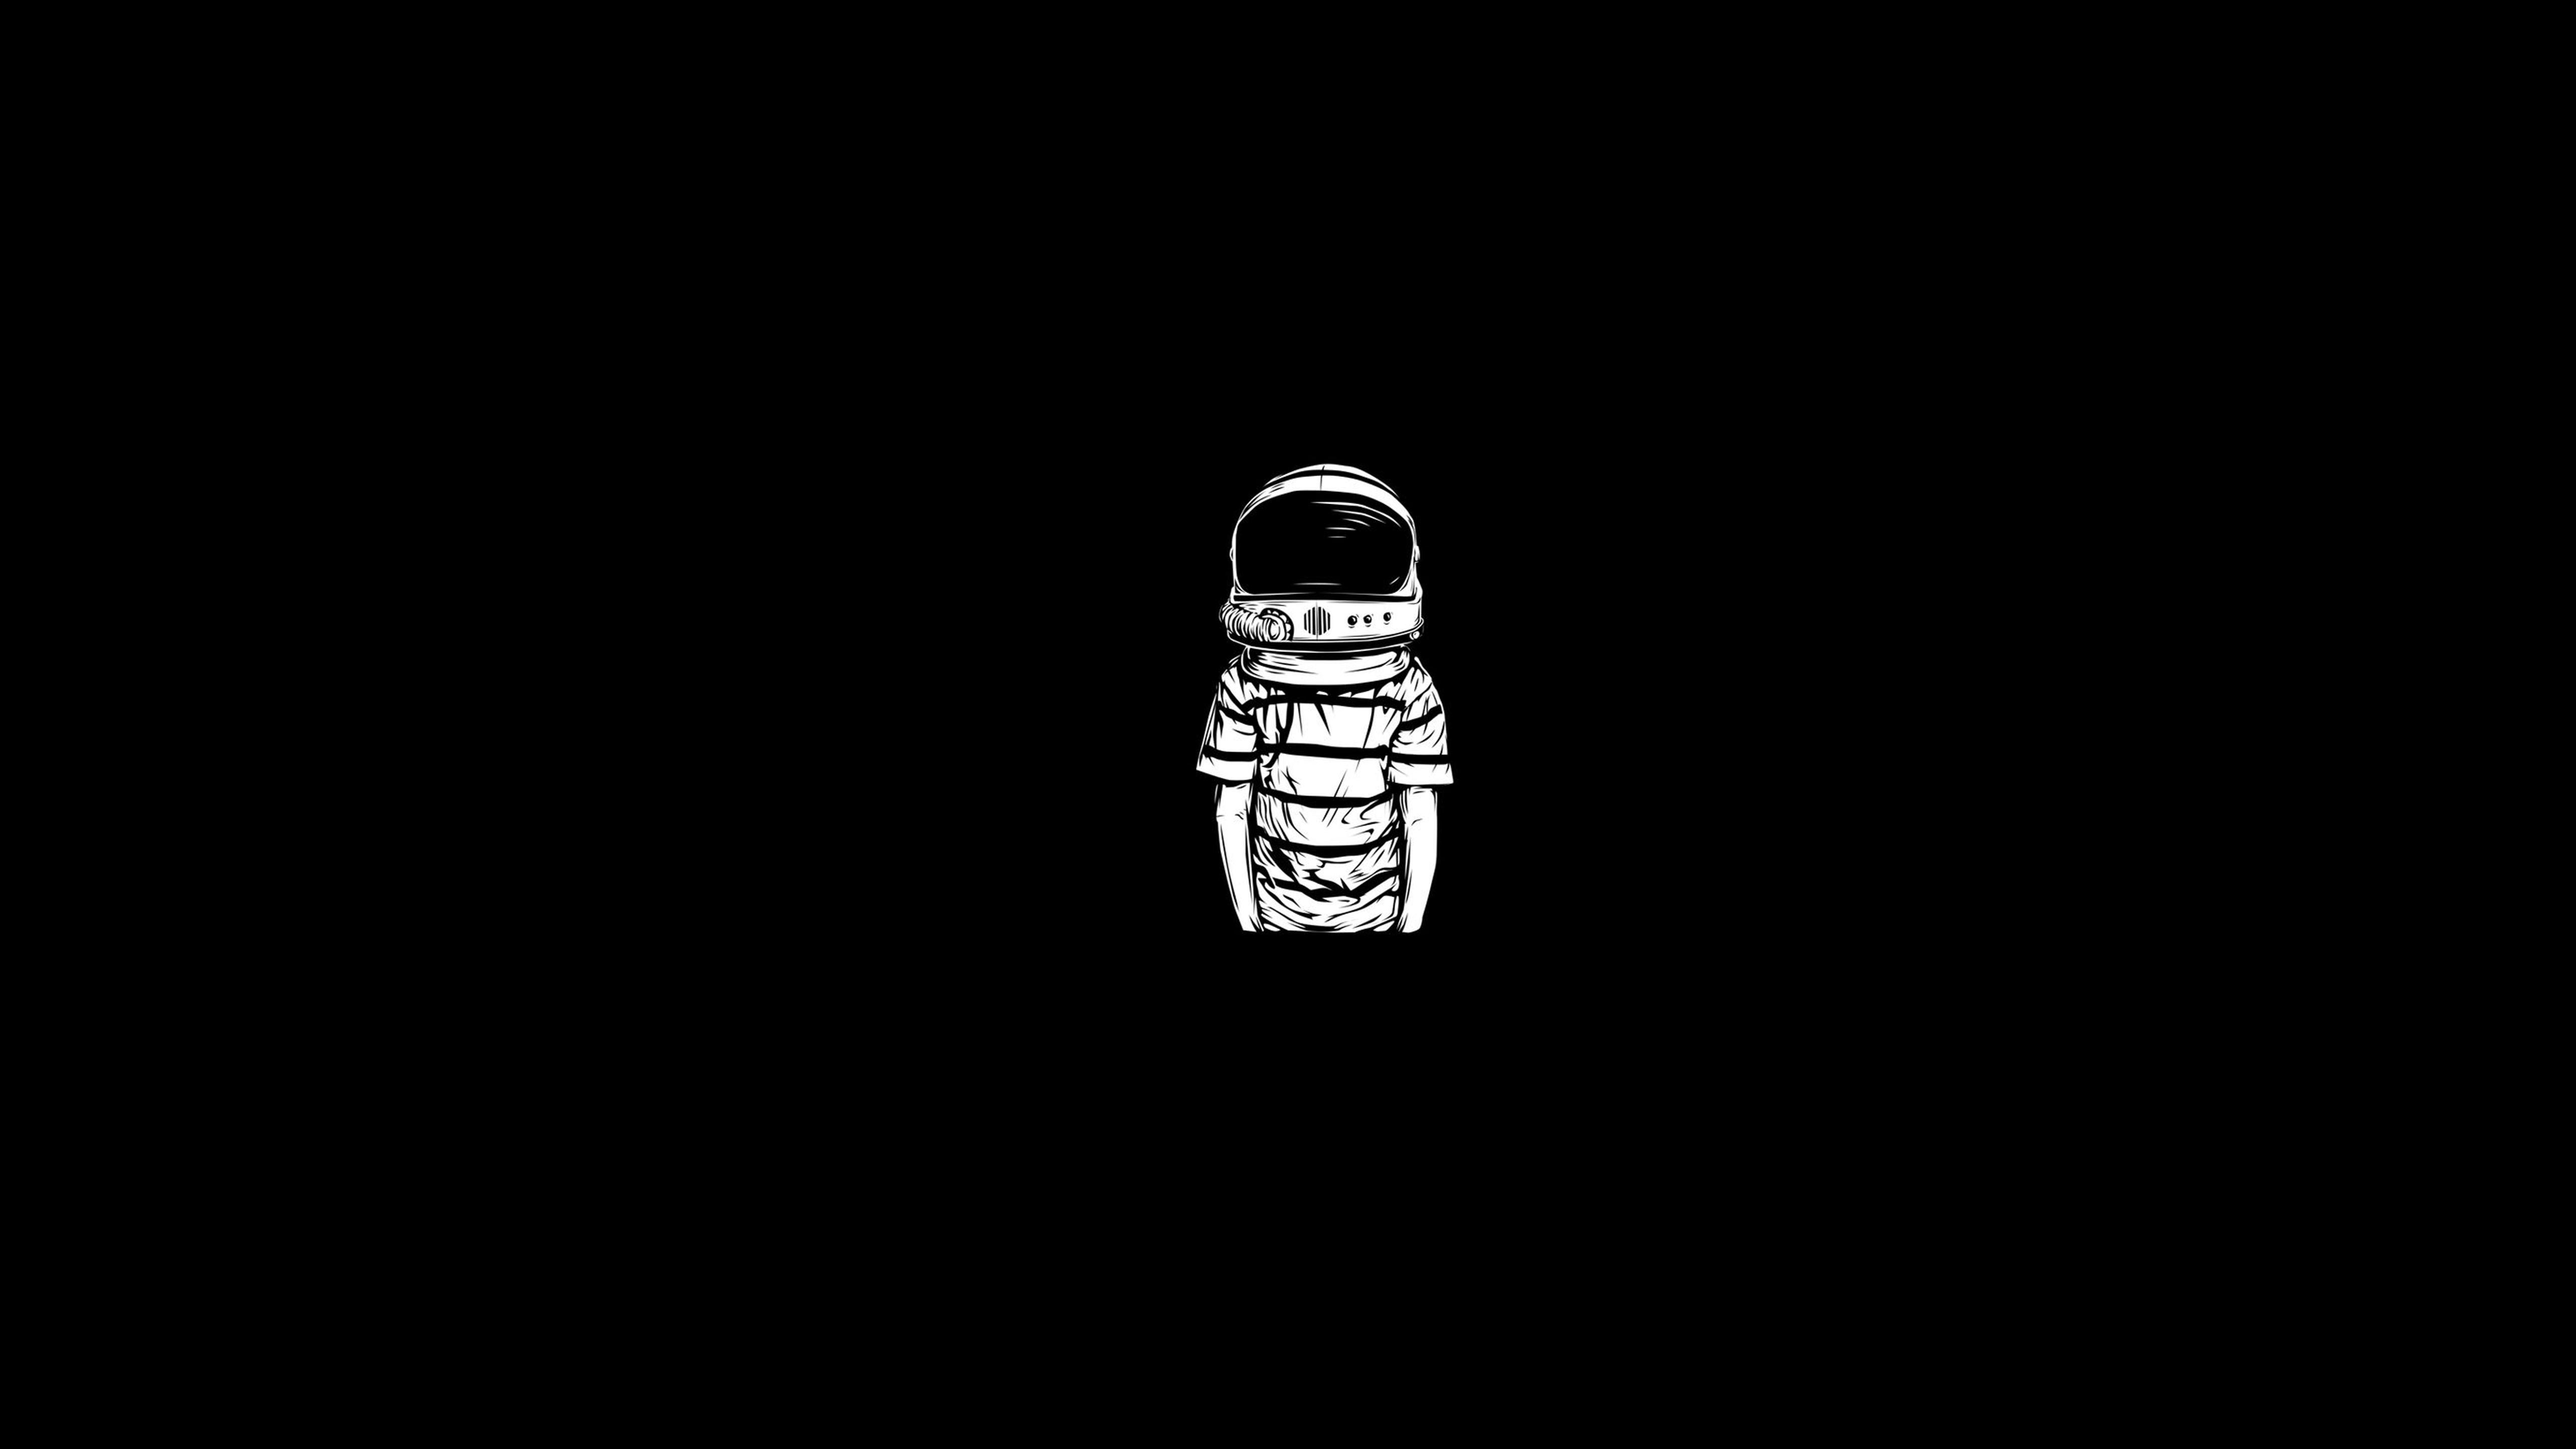 astronaut monochrome minimalism 1533849